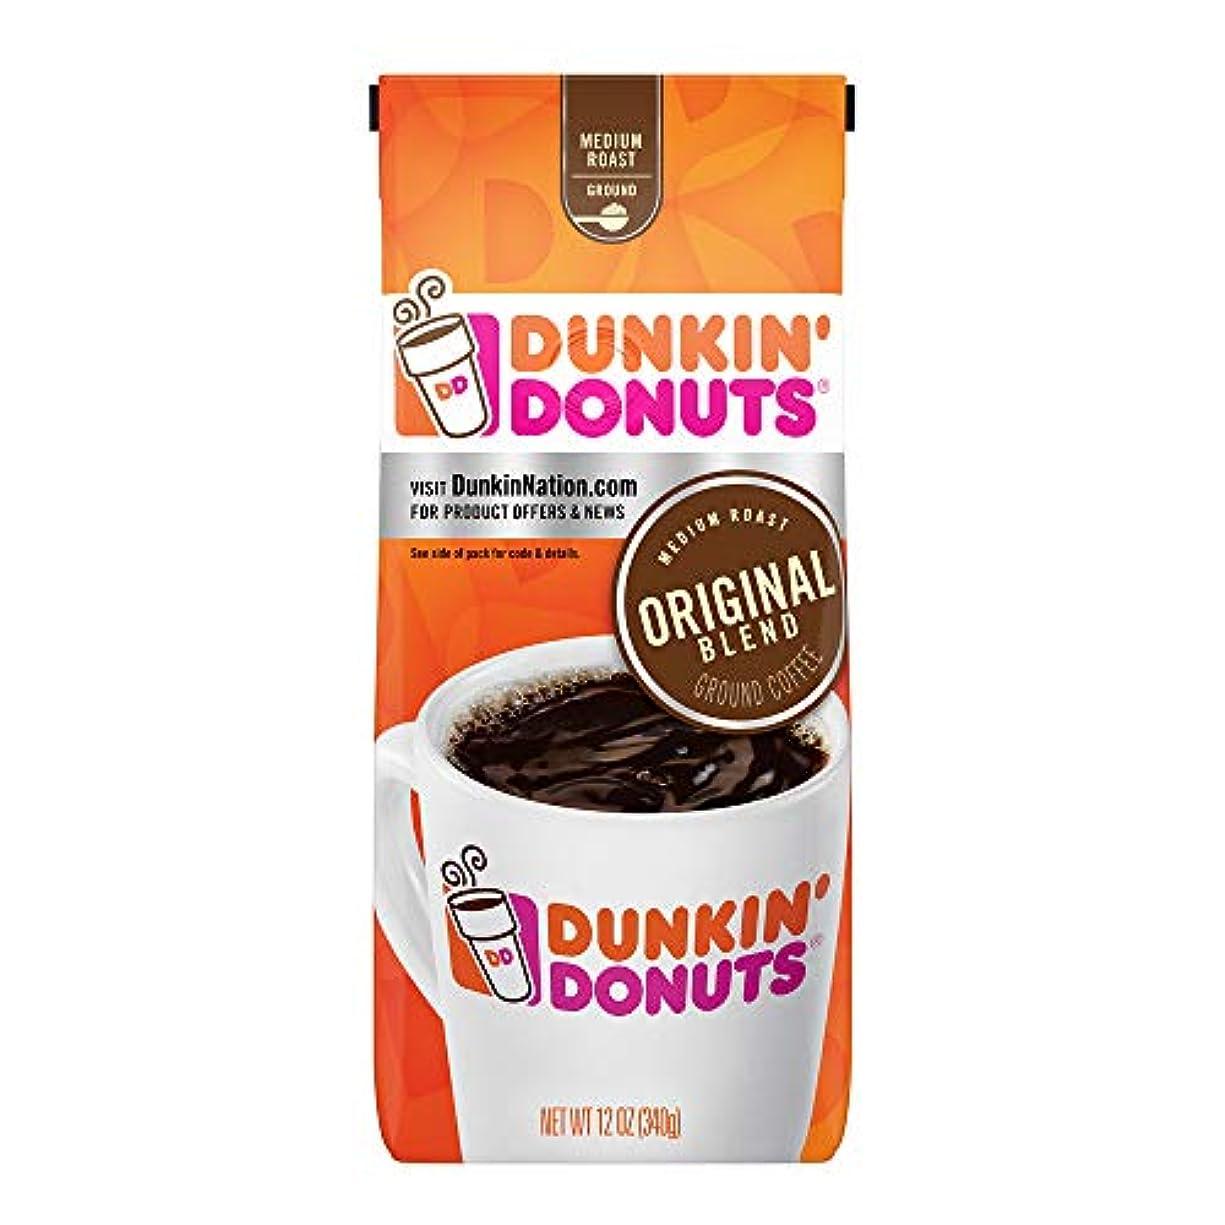 脚本家投獄その間Dunkin ' Donutsオリジナルブレンドグラウンドコーヒー